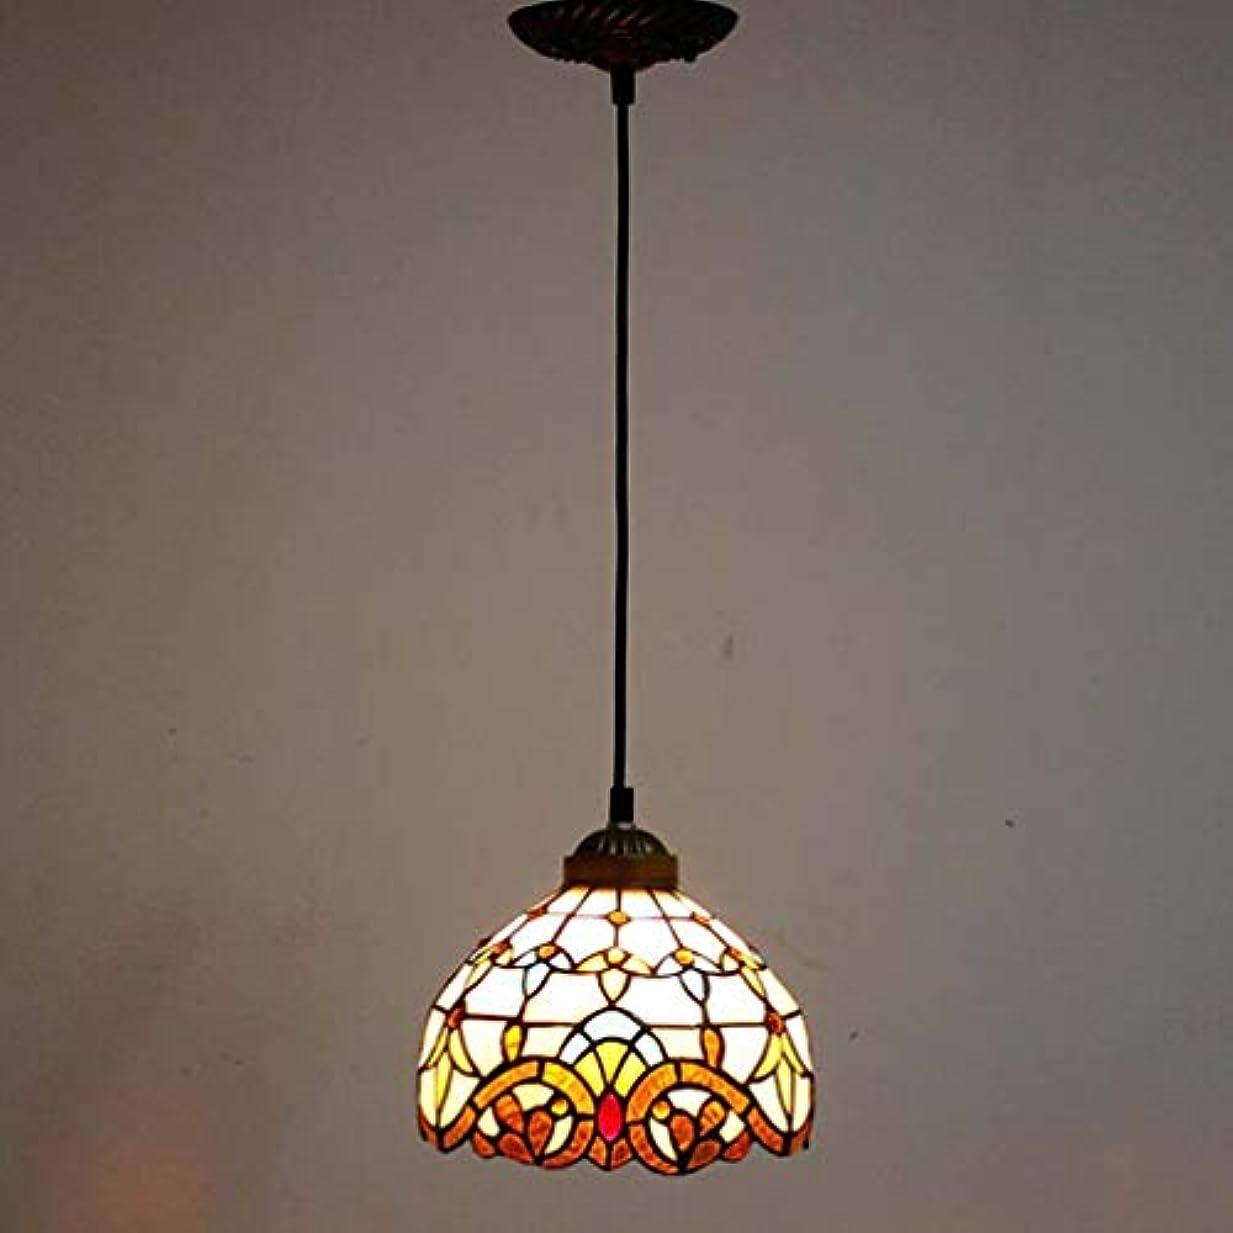 ウォーターフロント栄光のあたたかいティファニースタイル1ライトミニペンダント照明、ヴィンテージシーリングライト吊り下げランプステンドグラスシェード(5.5